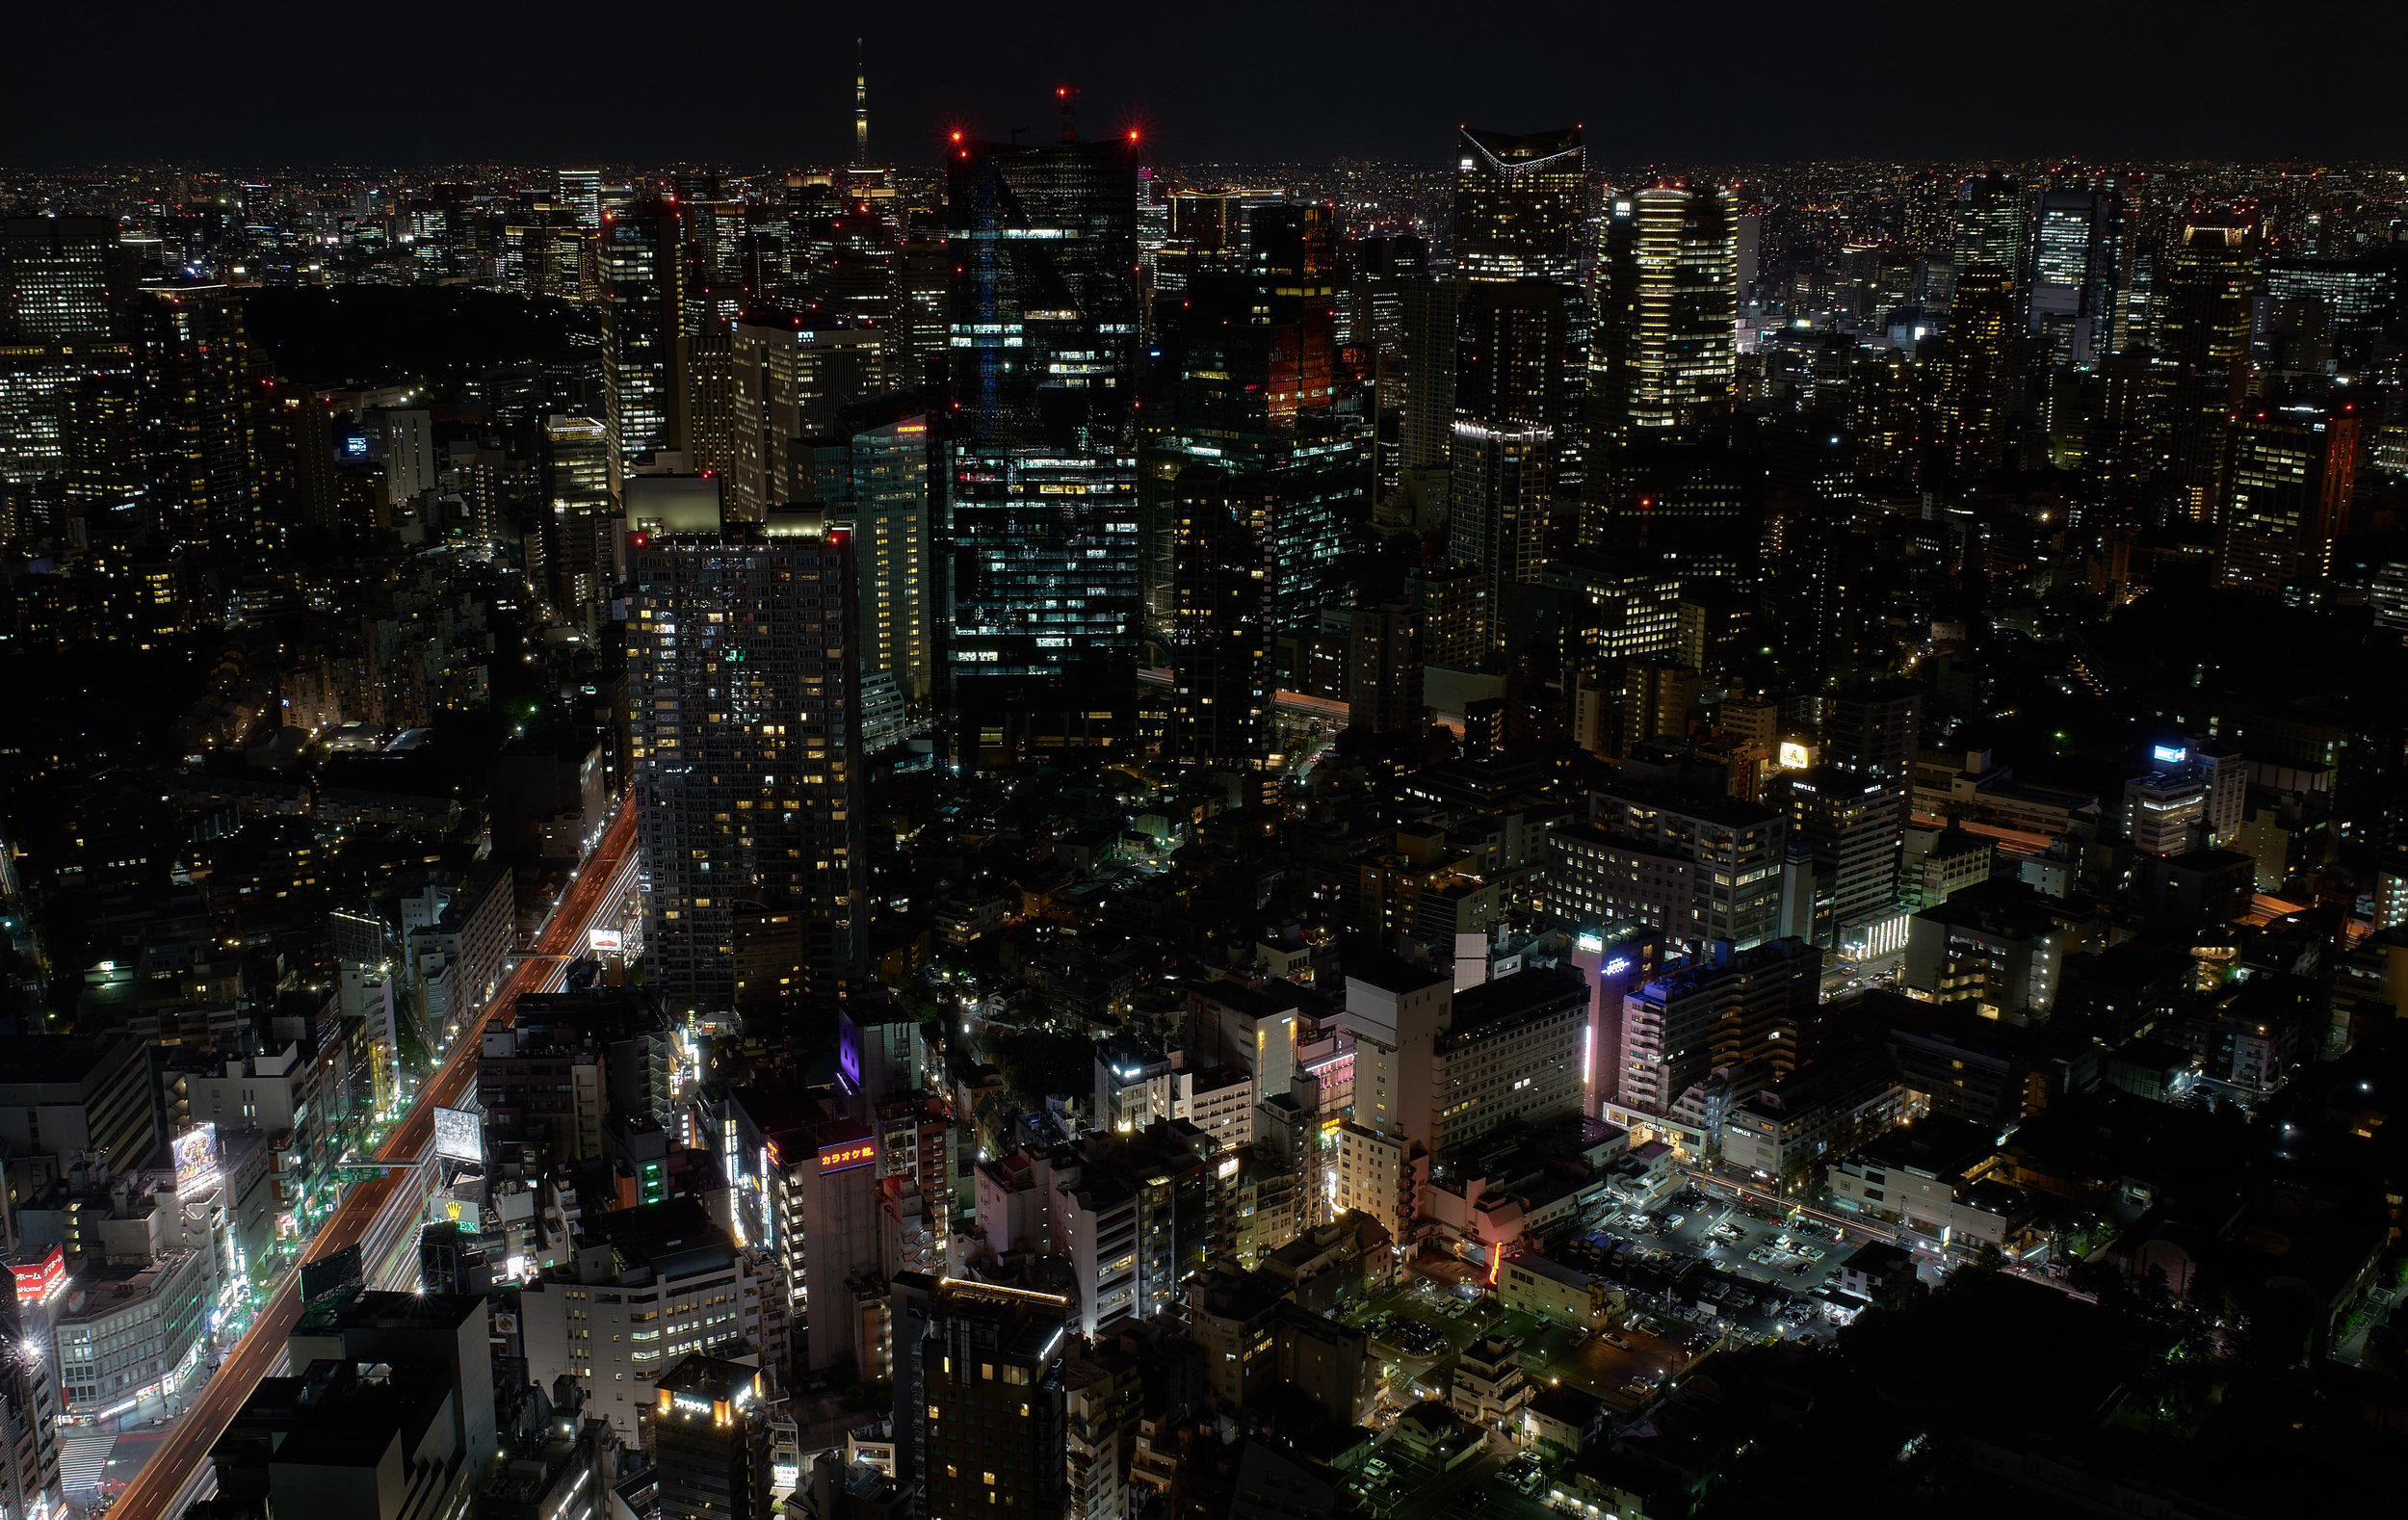 Tokio_Skyline_Night_3_kom.jpg